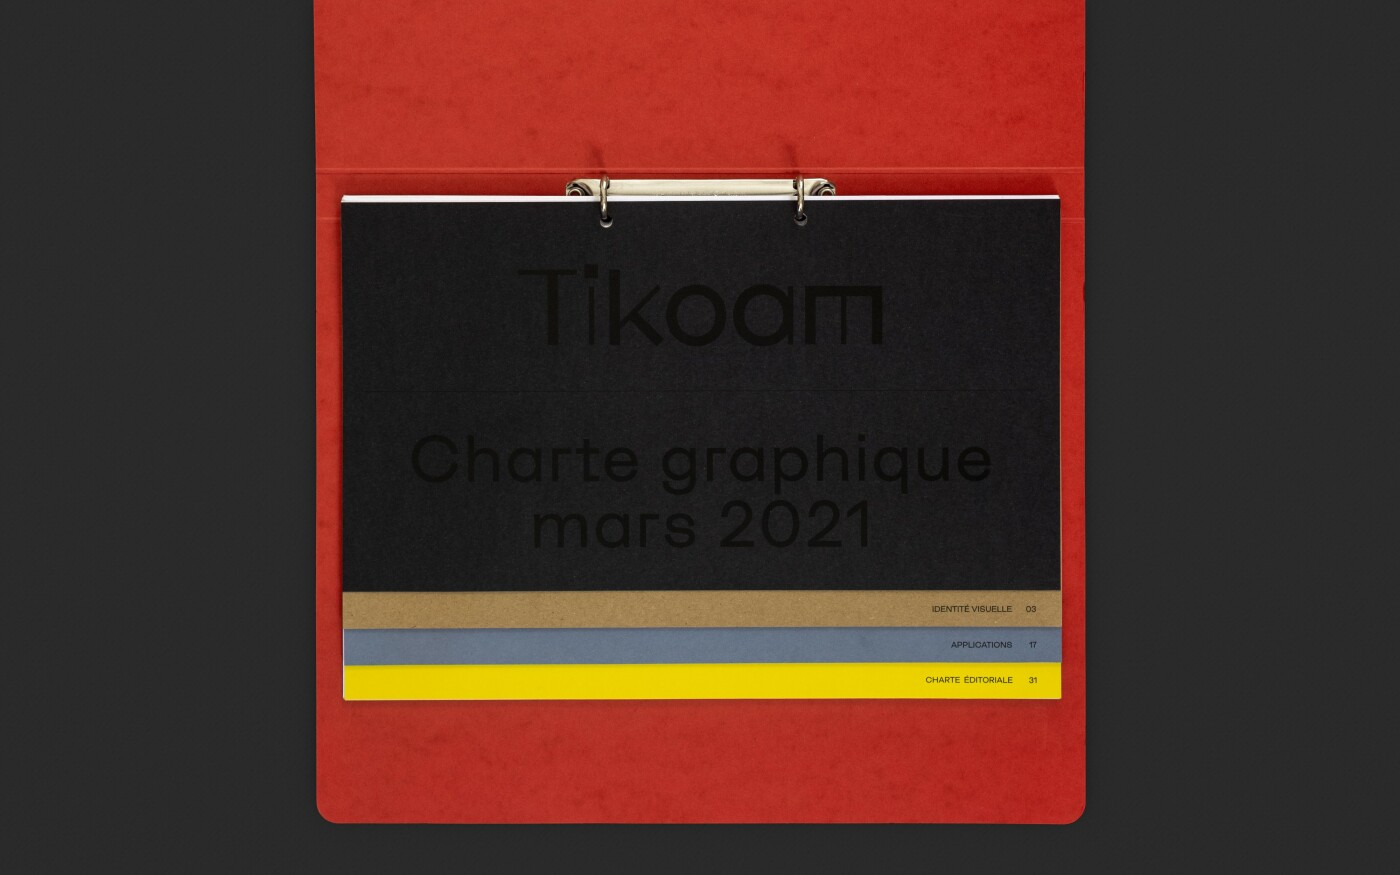 Charte graphique de Tikoam